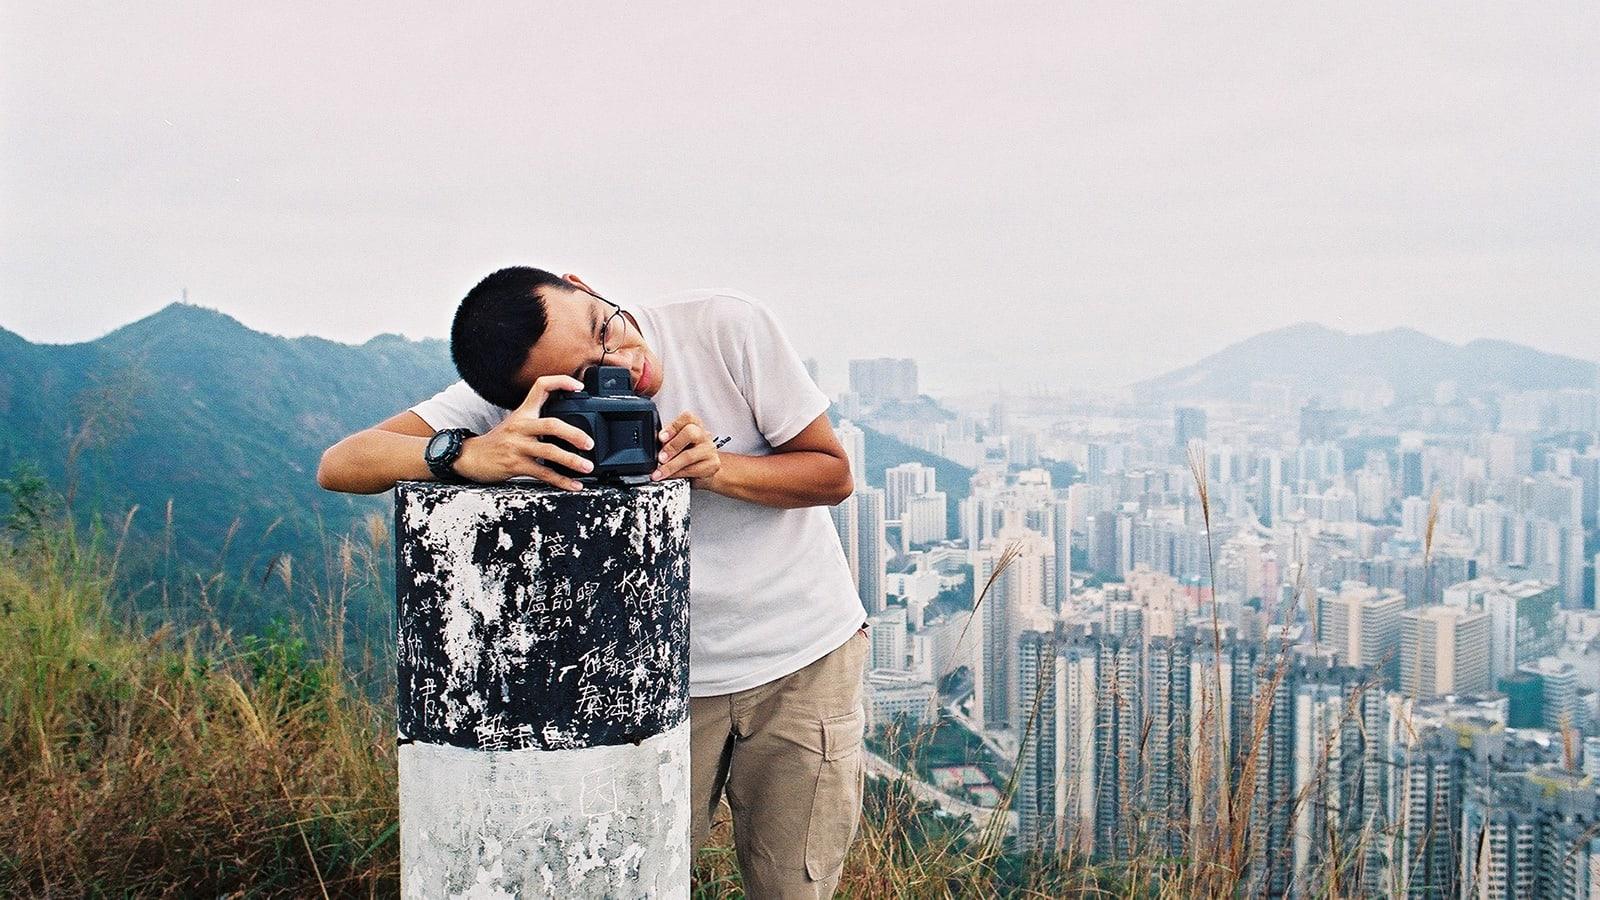 مغامر تسلق كل قمة وزار كل جزيرة في هونغ كونغ.. كيف فعل ذلك؟